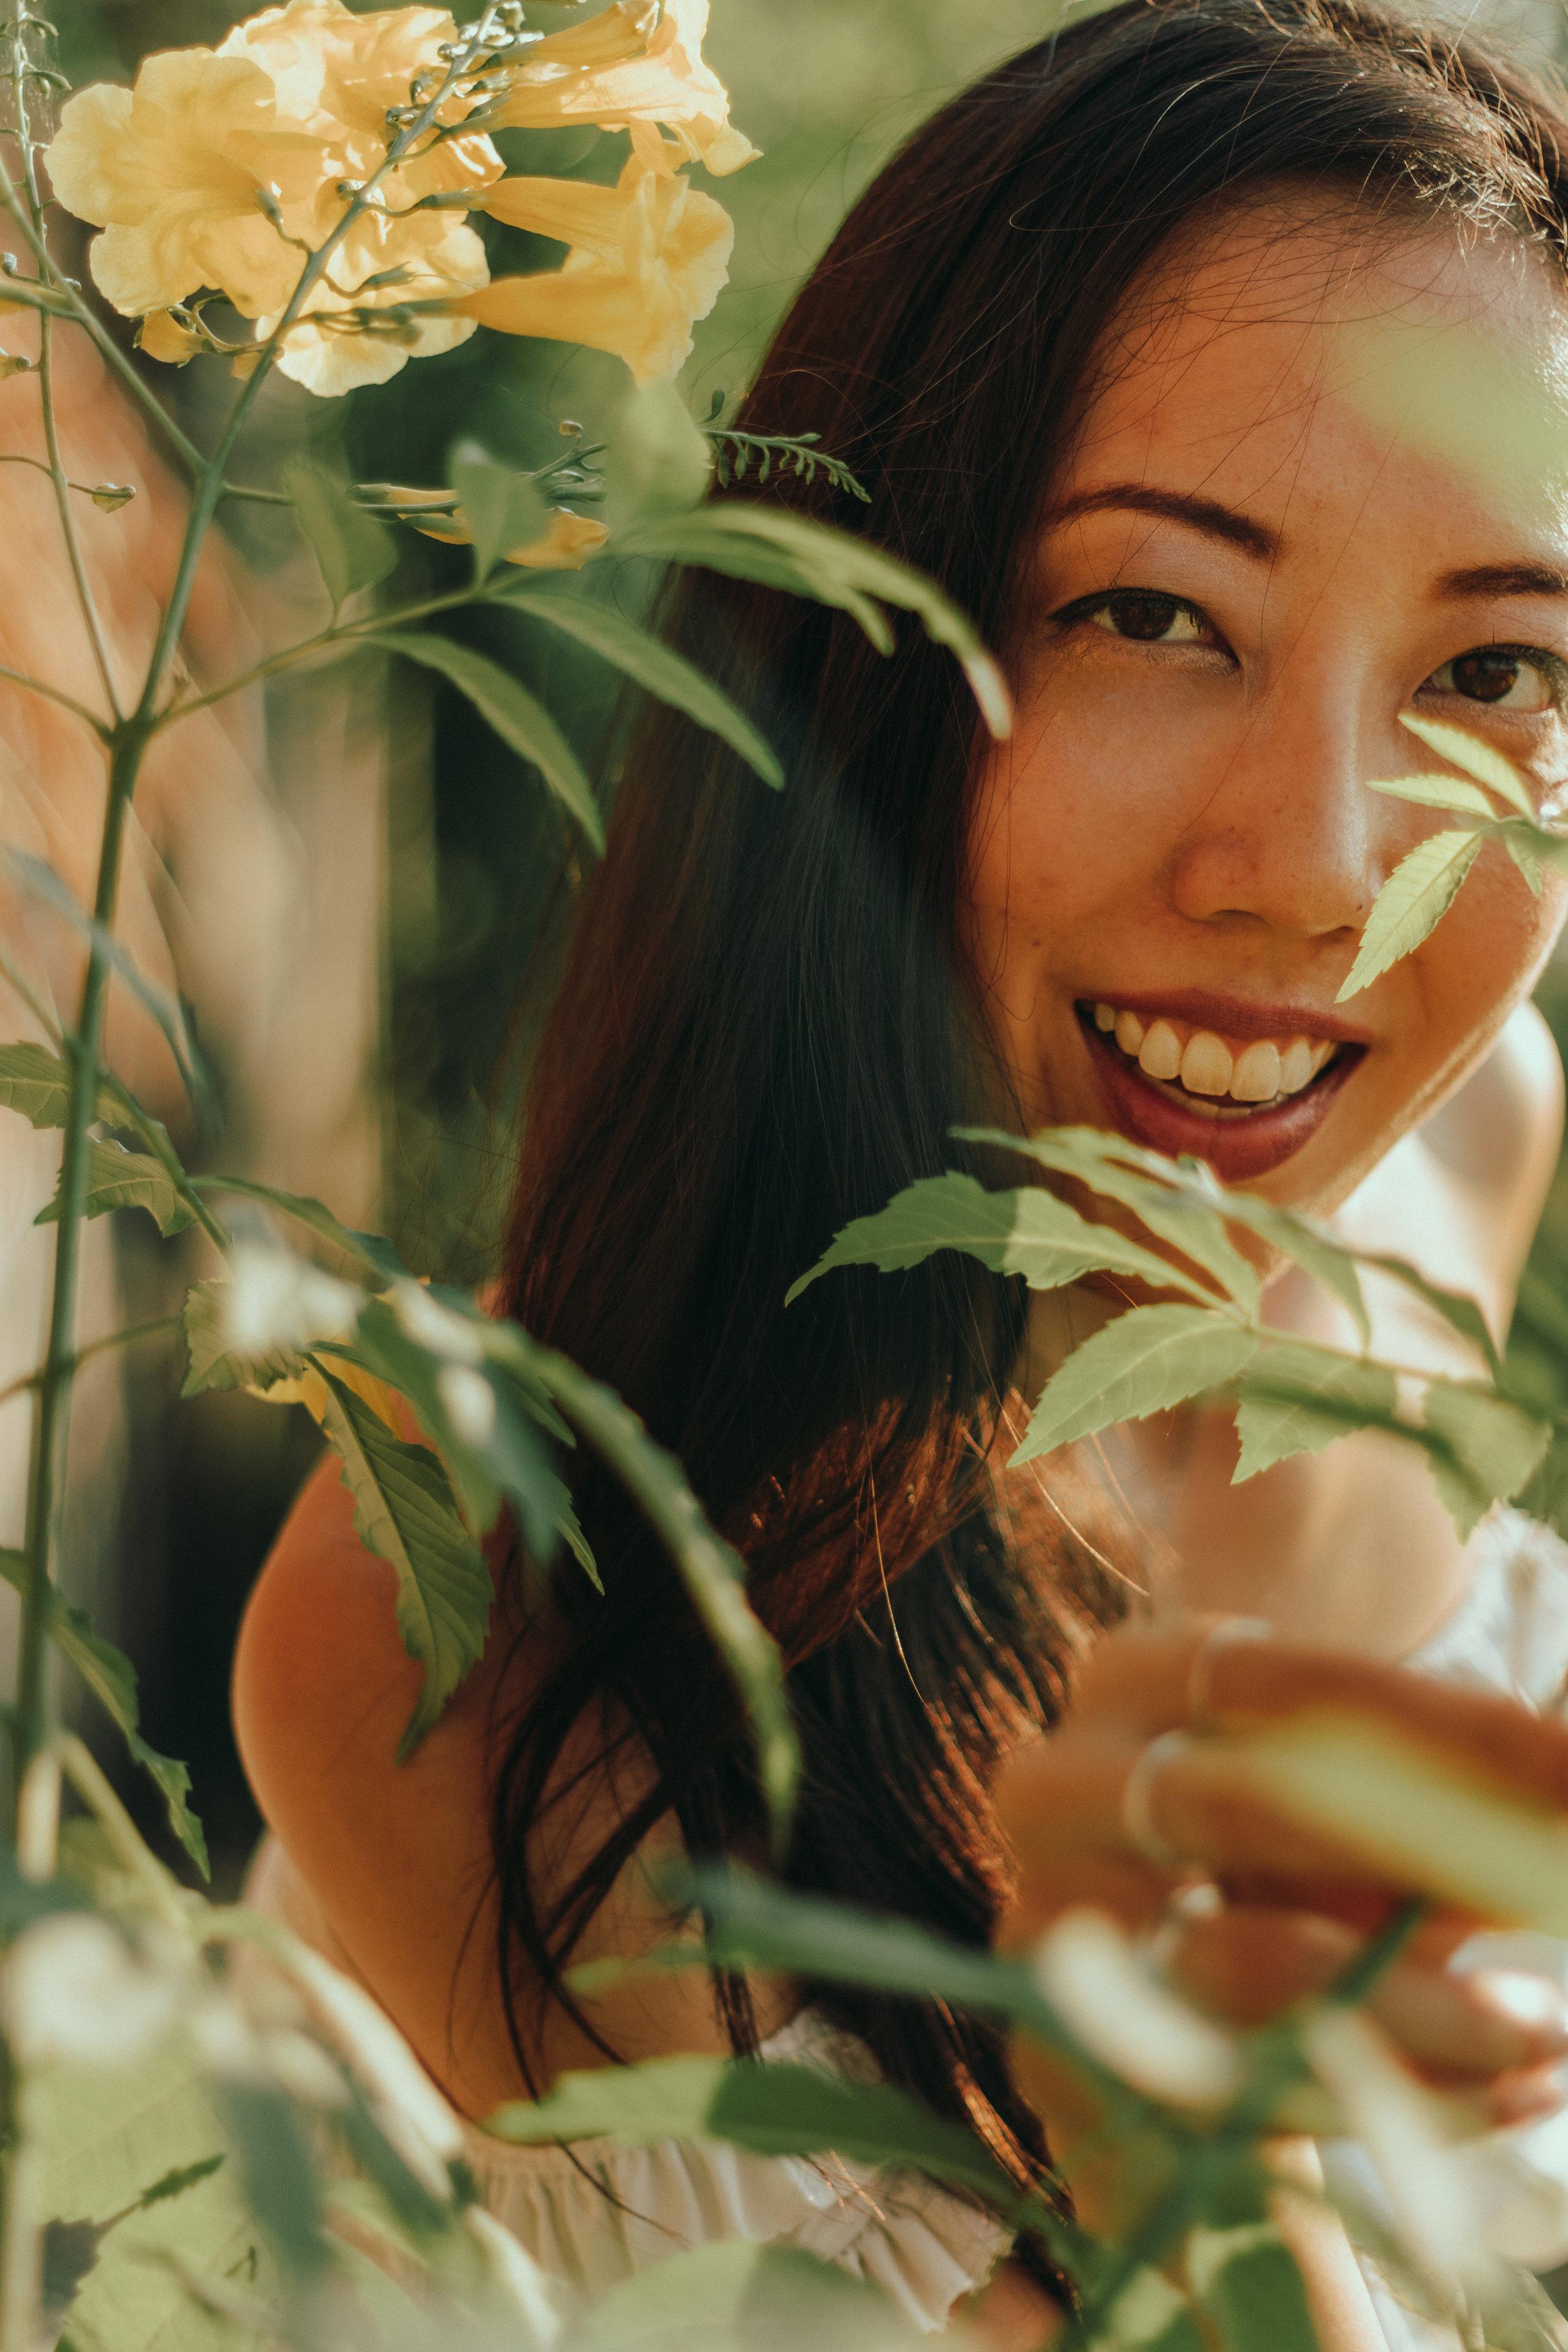 Portrait Session - Model : Jillian Wu